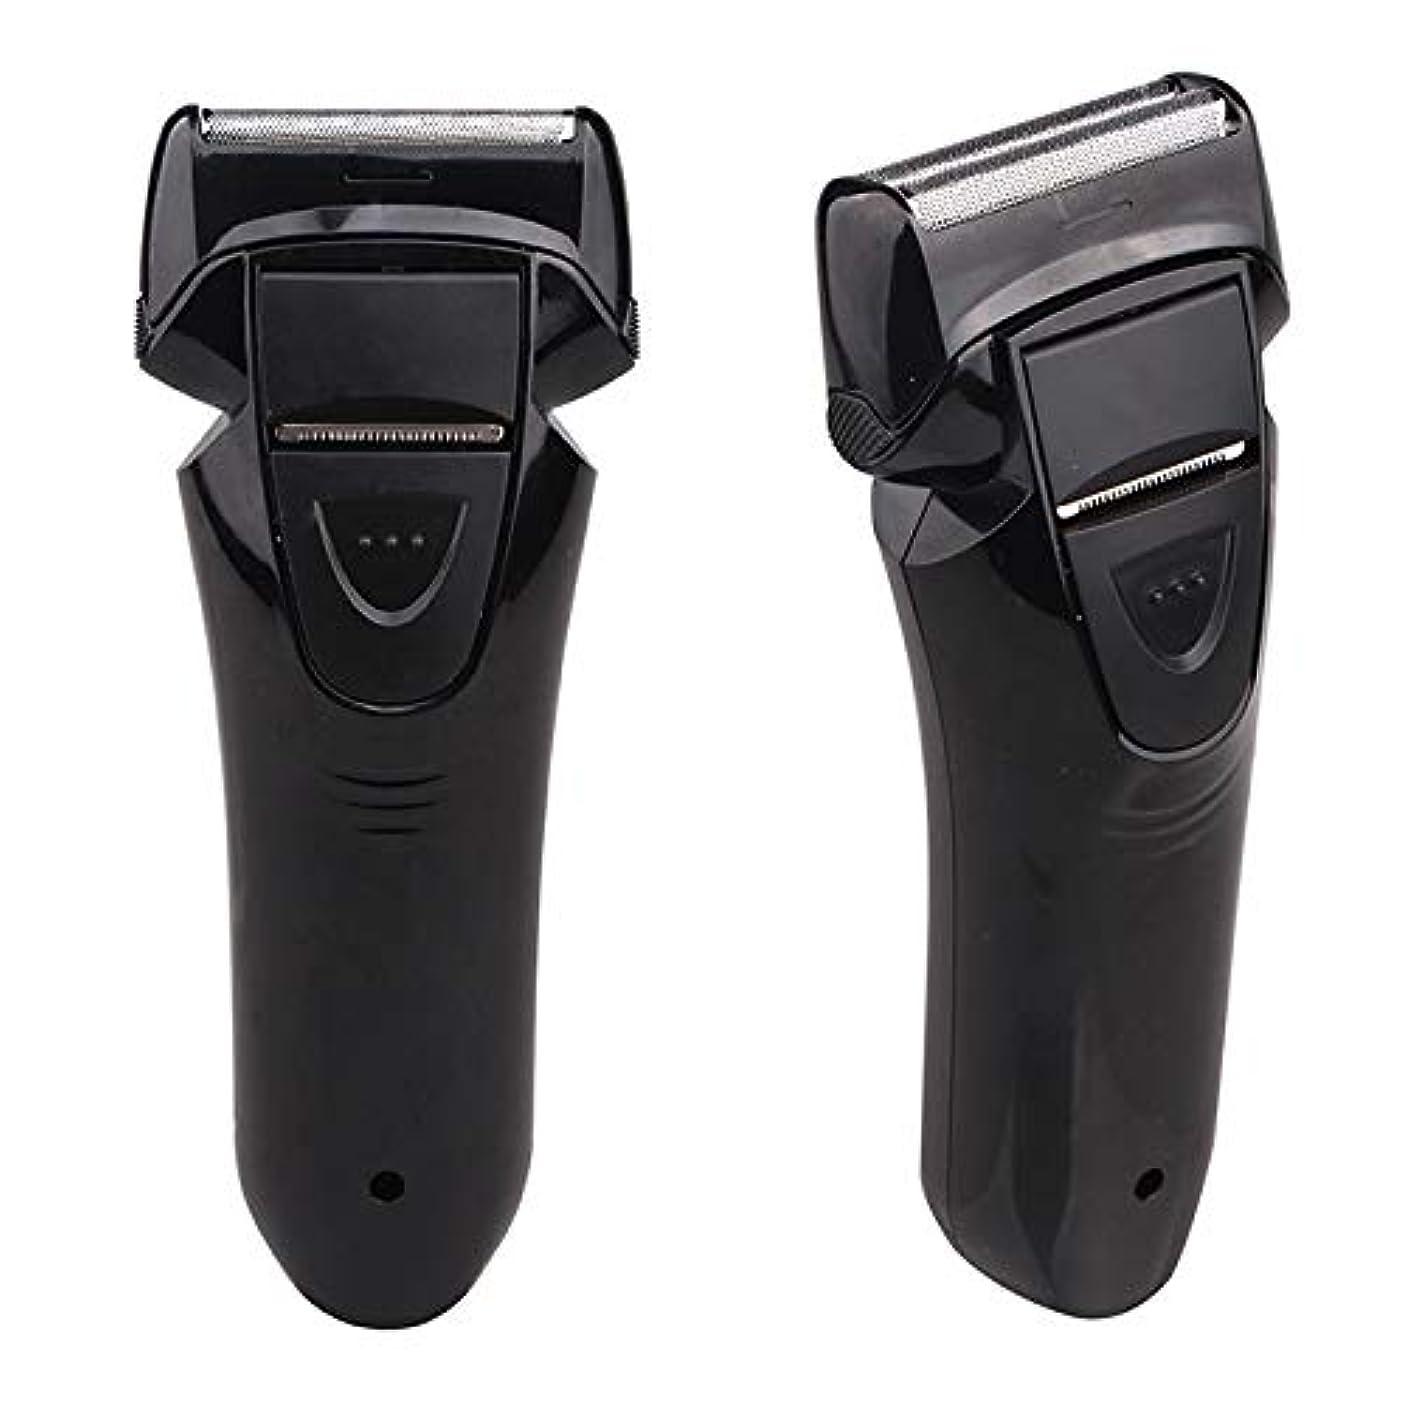 ロッカーデマンド殺人メンズシェーバー Vegetable(ベジタブル) アダプター&USB充電式2枚刃シェーバー GD-S206